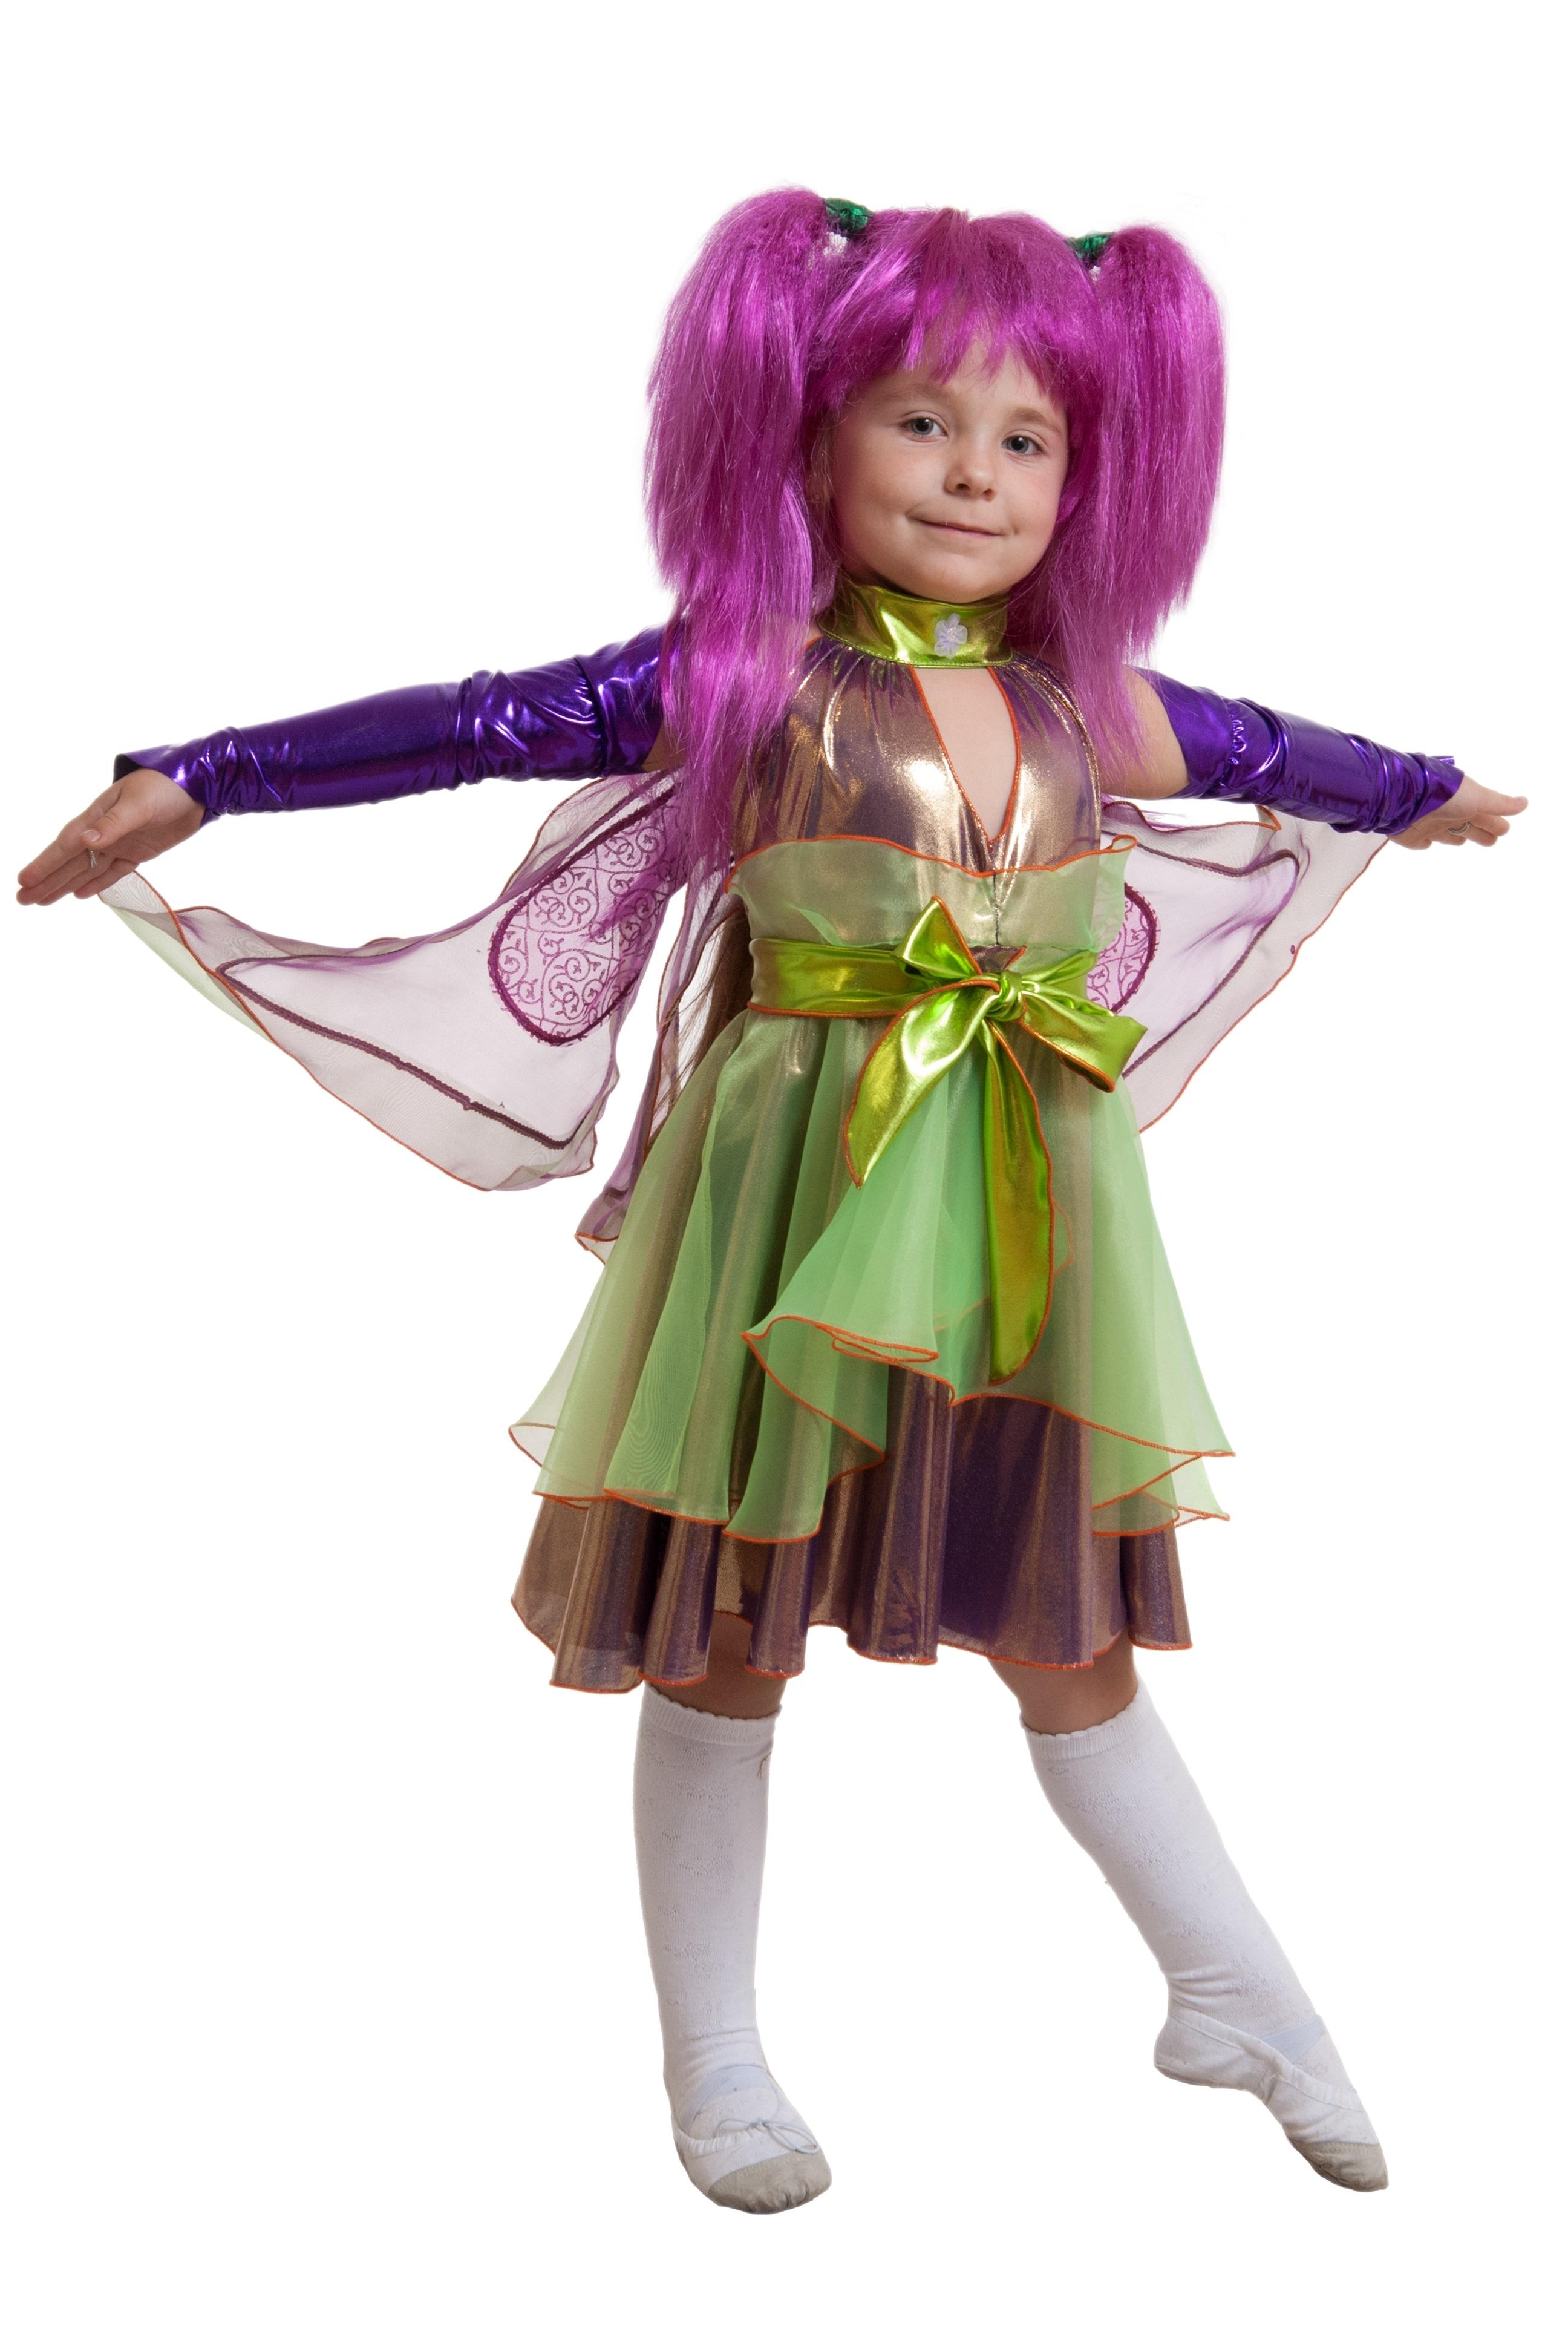 Детский костюм Фиолетовой Феи Виндс (34) детский костюм фиолетовой феи виндс 34